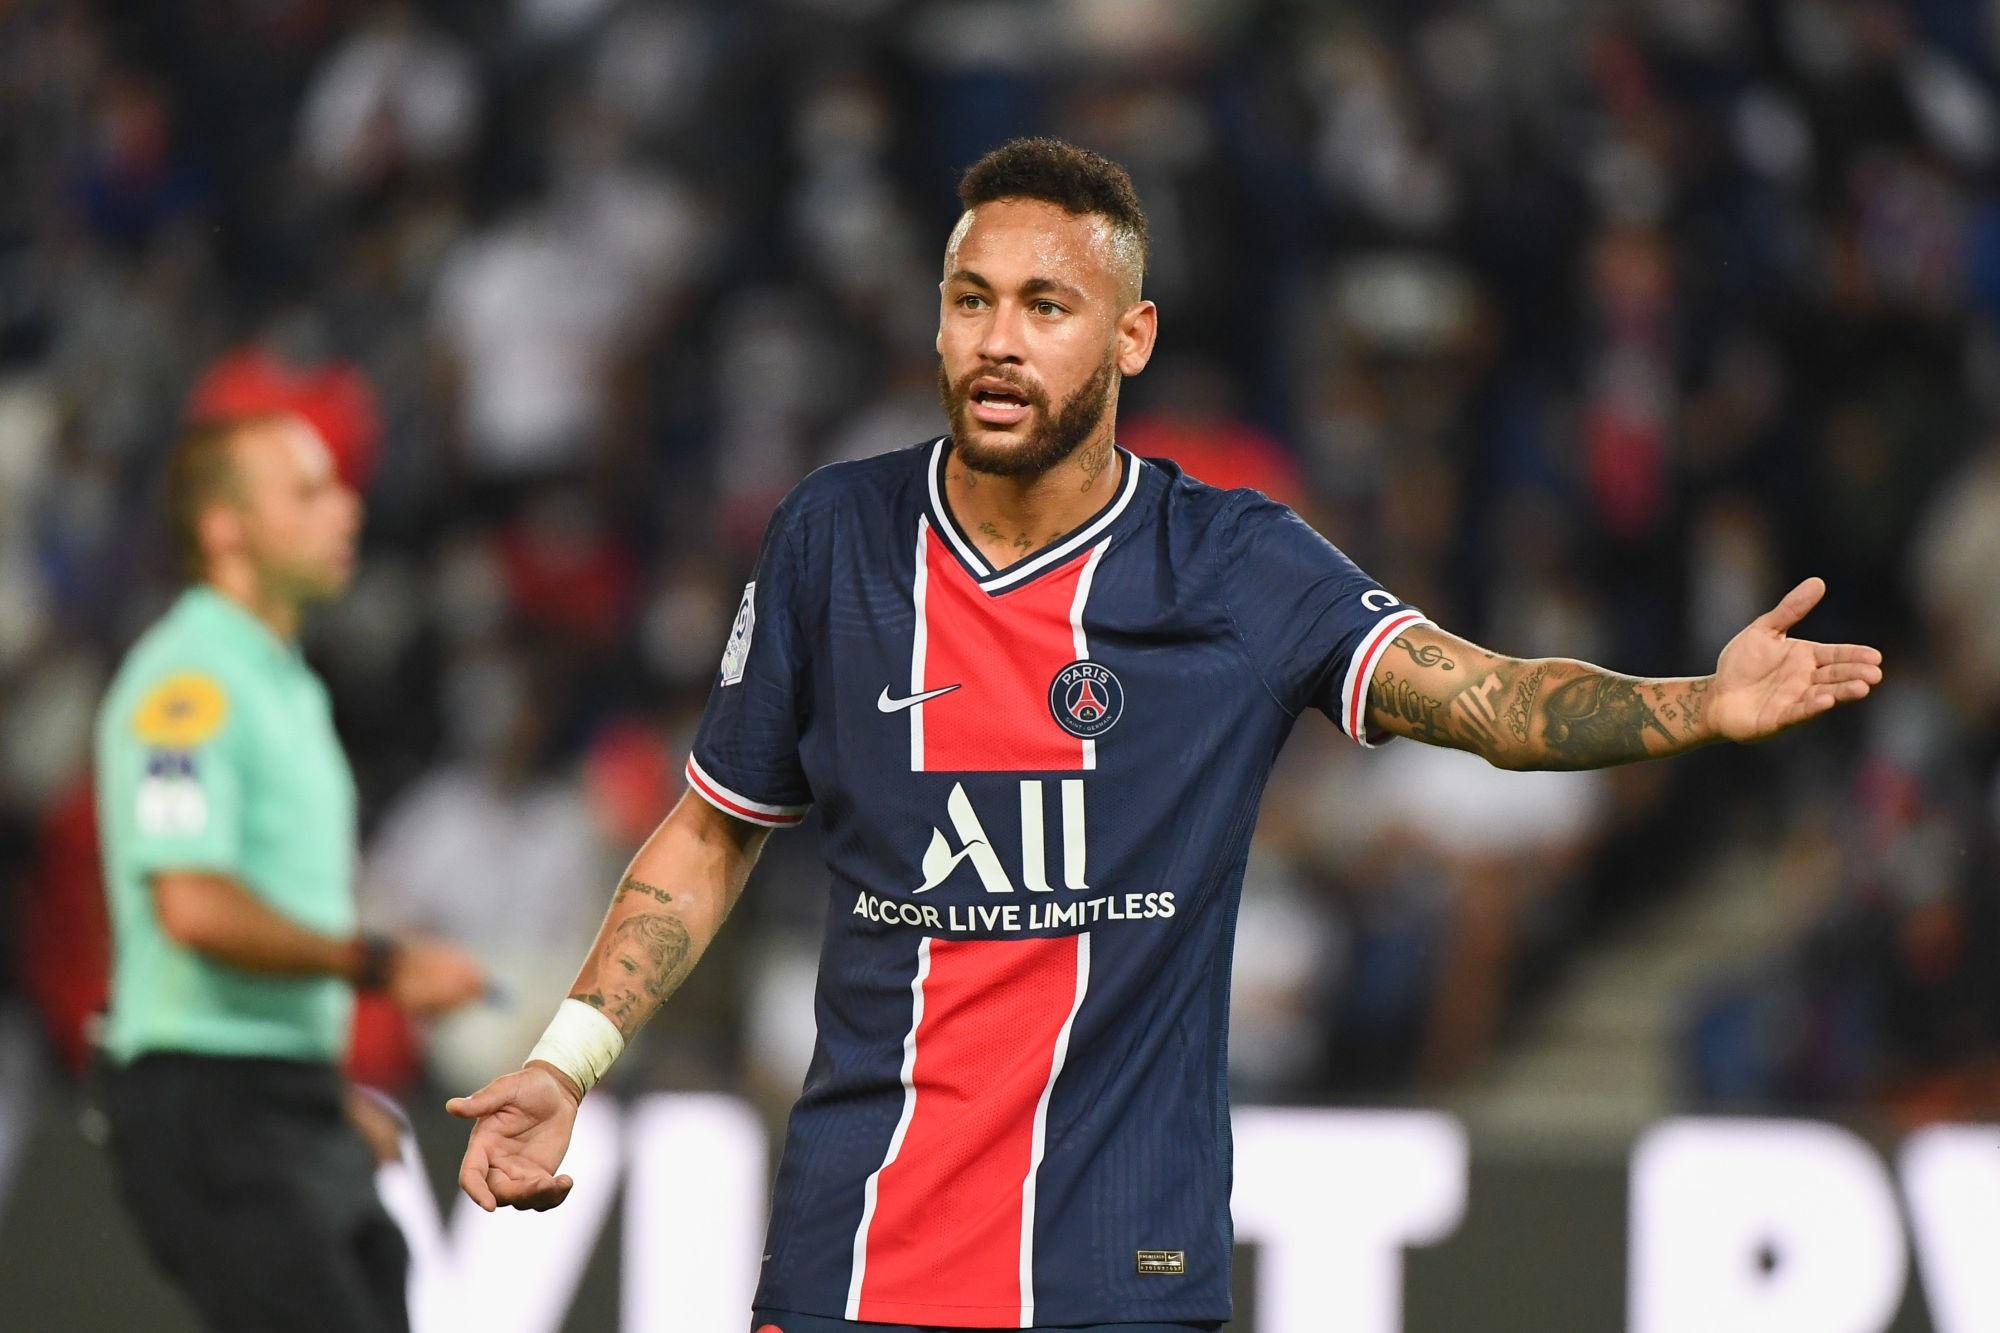 Neymar fait appel et demande toujours environ 60 millions d'euros au Barça